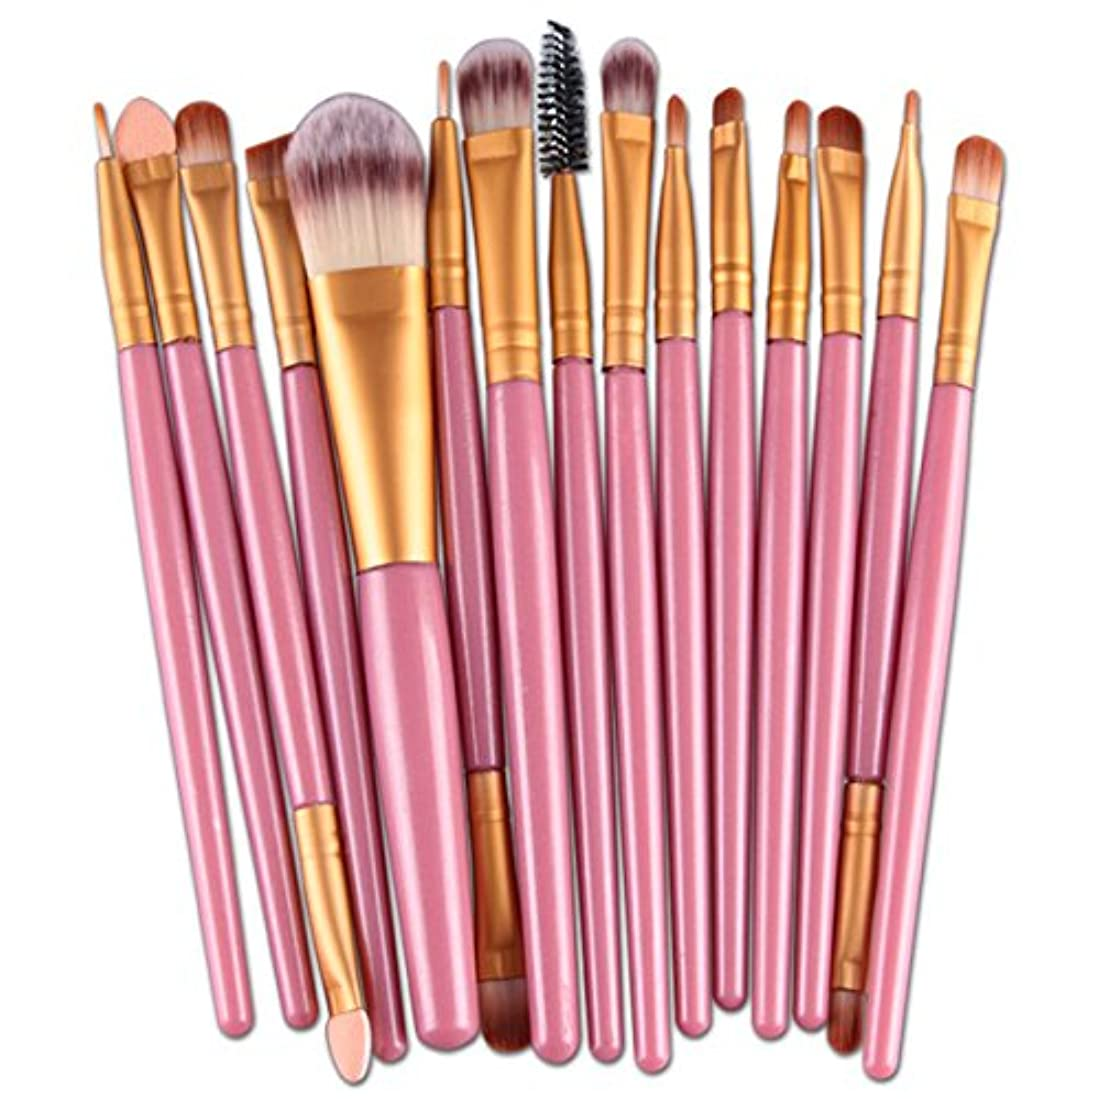 粘性のチップビジター15ピース化粧ブラシキット OD企画 カラフルなフェイスコンシーラーアイシャドー女性のためのツール女の子の日常生活やパーティー パウダーアイライナー赤面スリップファンデーションメイクアップ美容ブラシセット